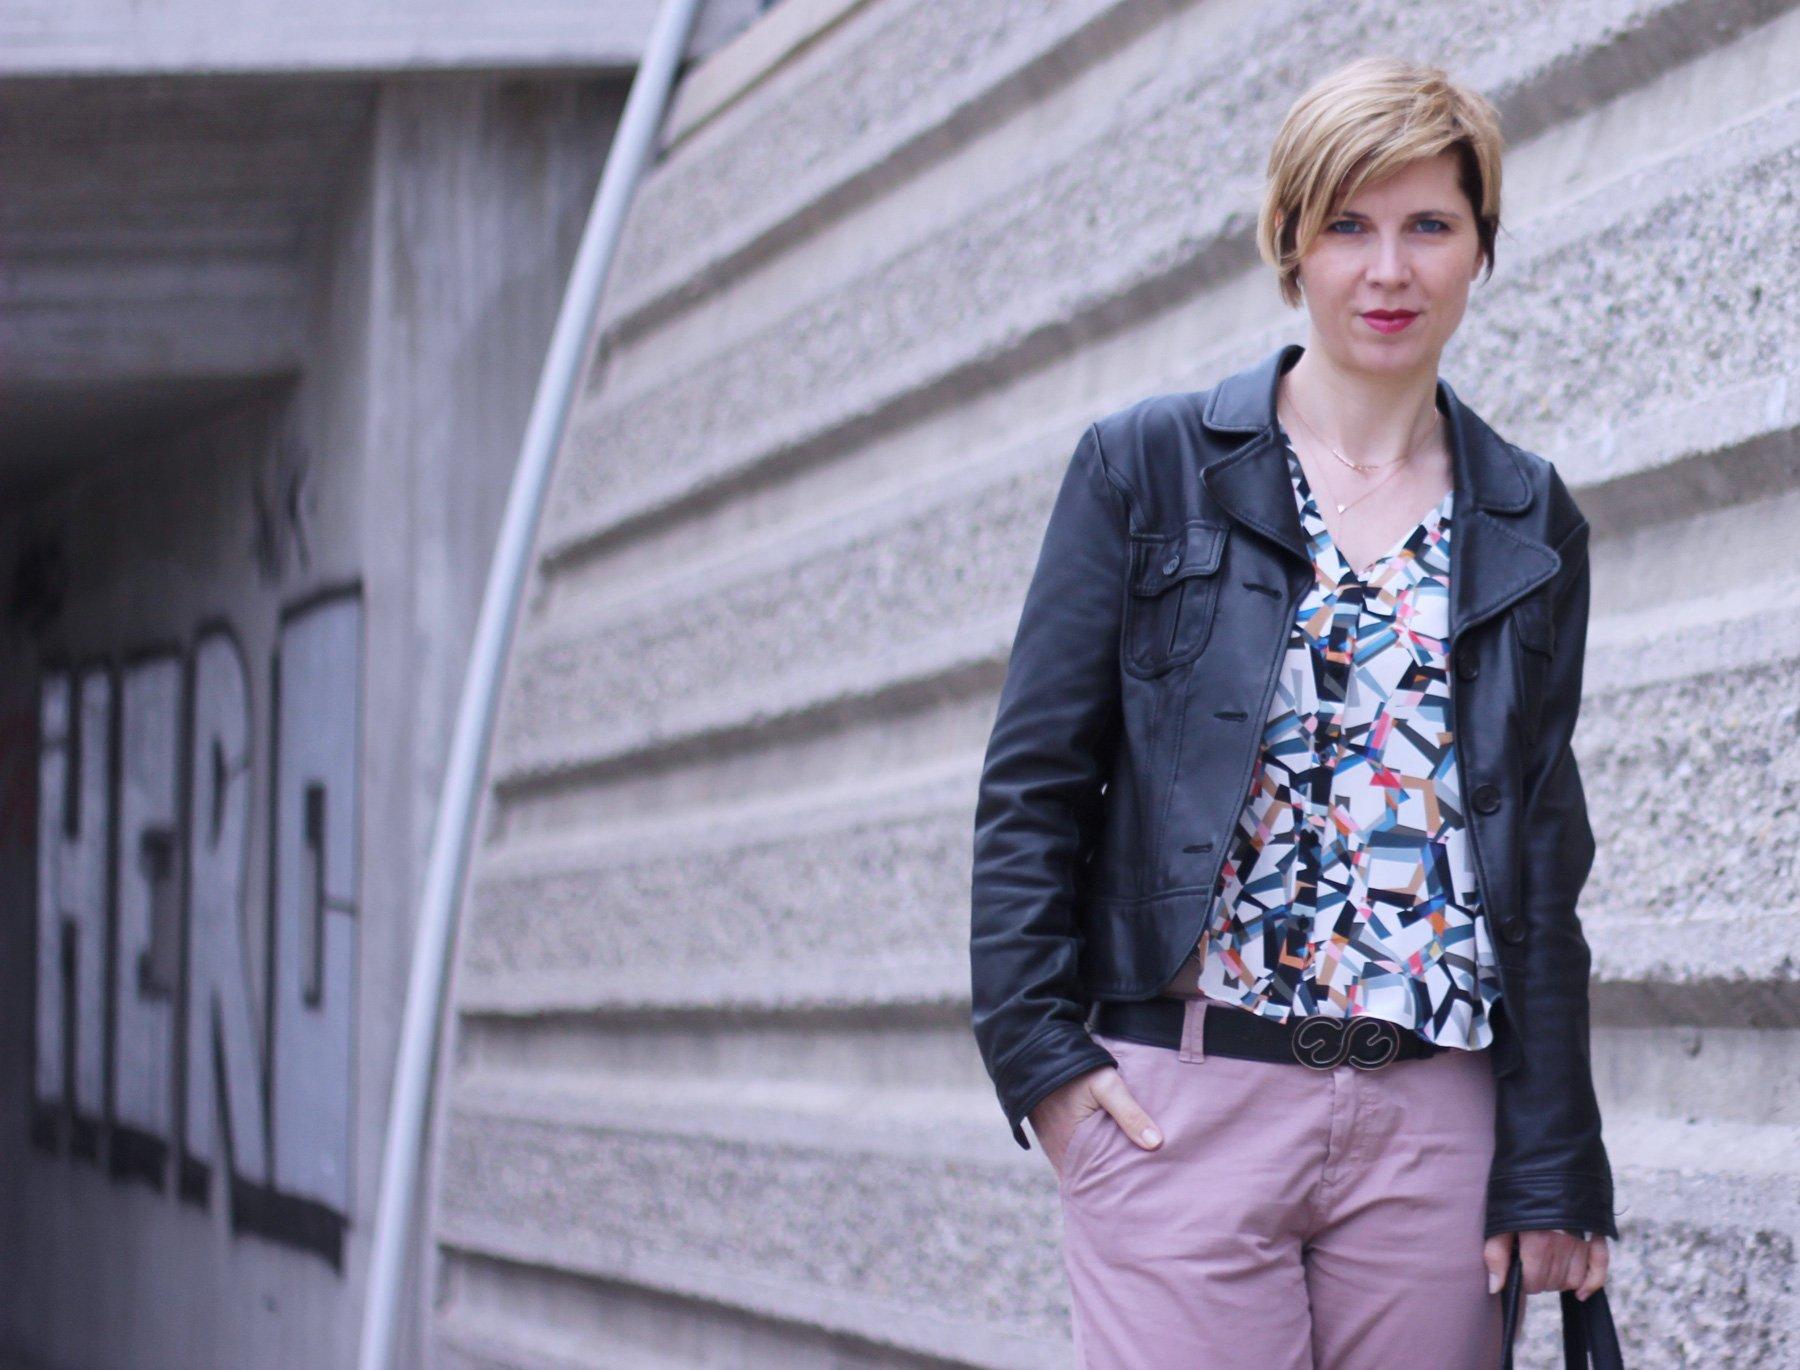 Rosé, Kontrastfarbe, Styling mit Schwarz, Lederjacke, Esprit, Hilfiger, Dorothee Schumacher, Fransentasche